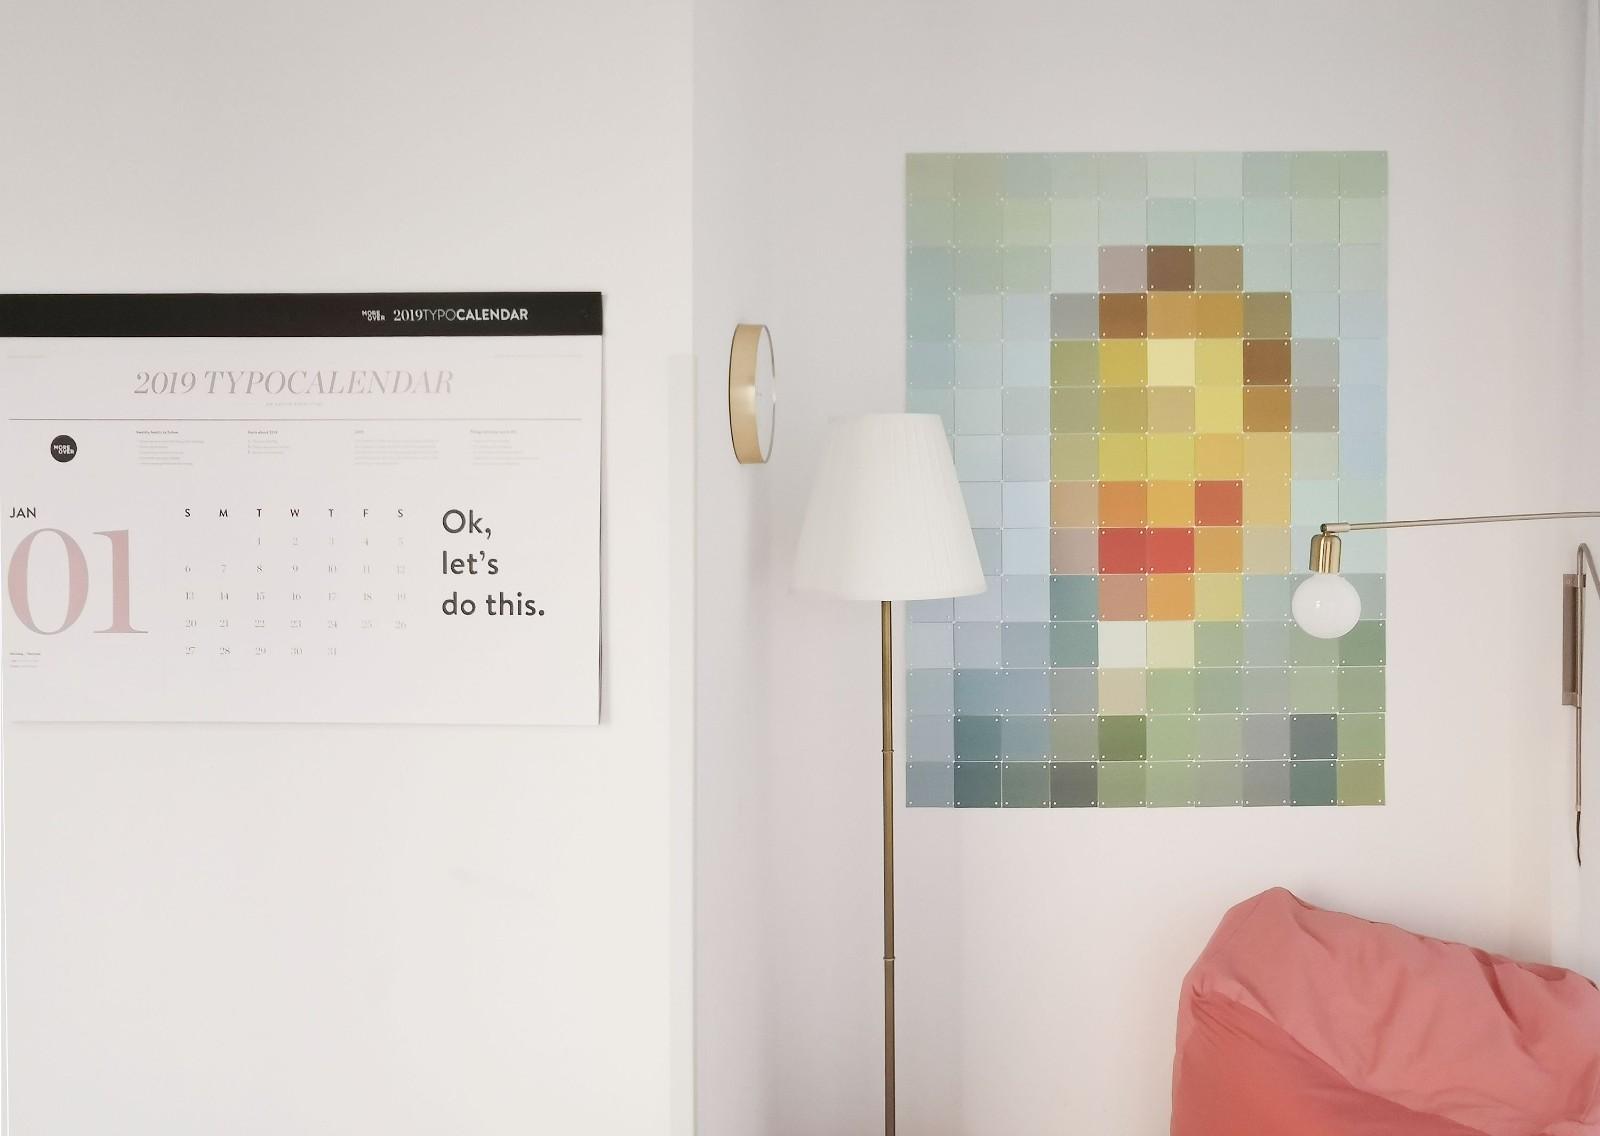 向西班牙鬼才設計師致敬——辦公室改造插图19